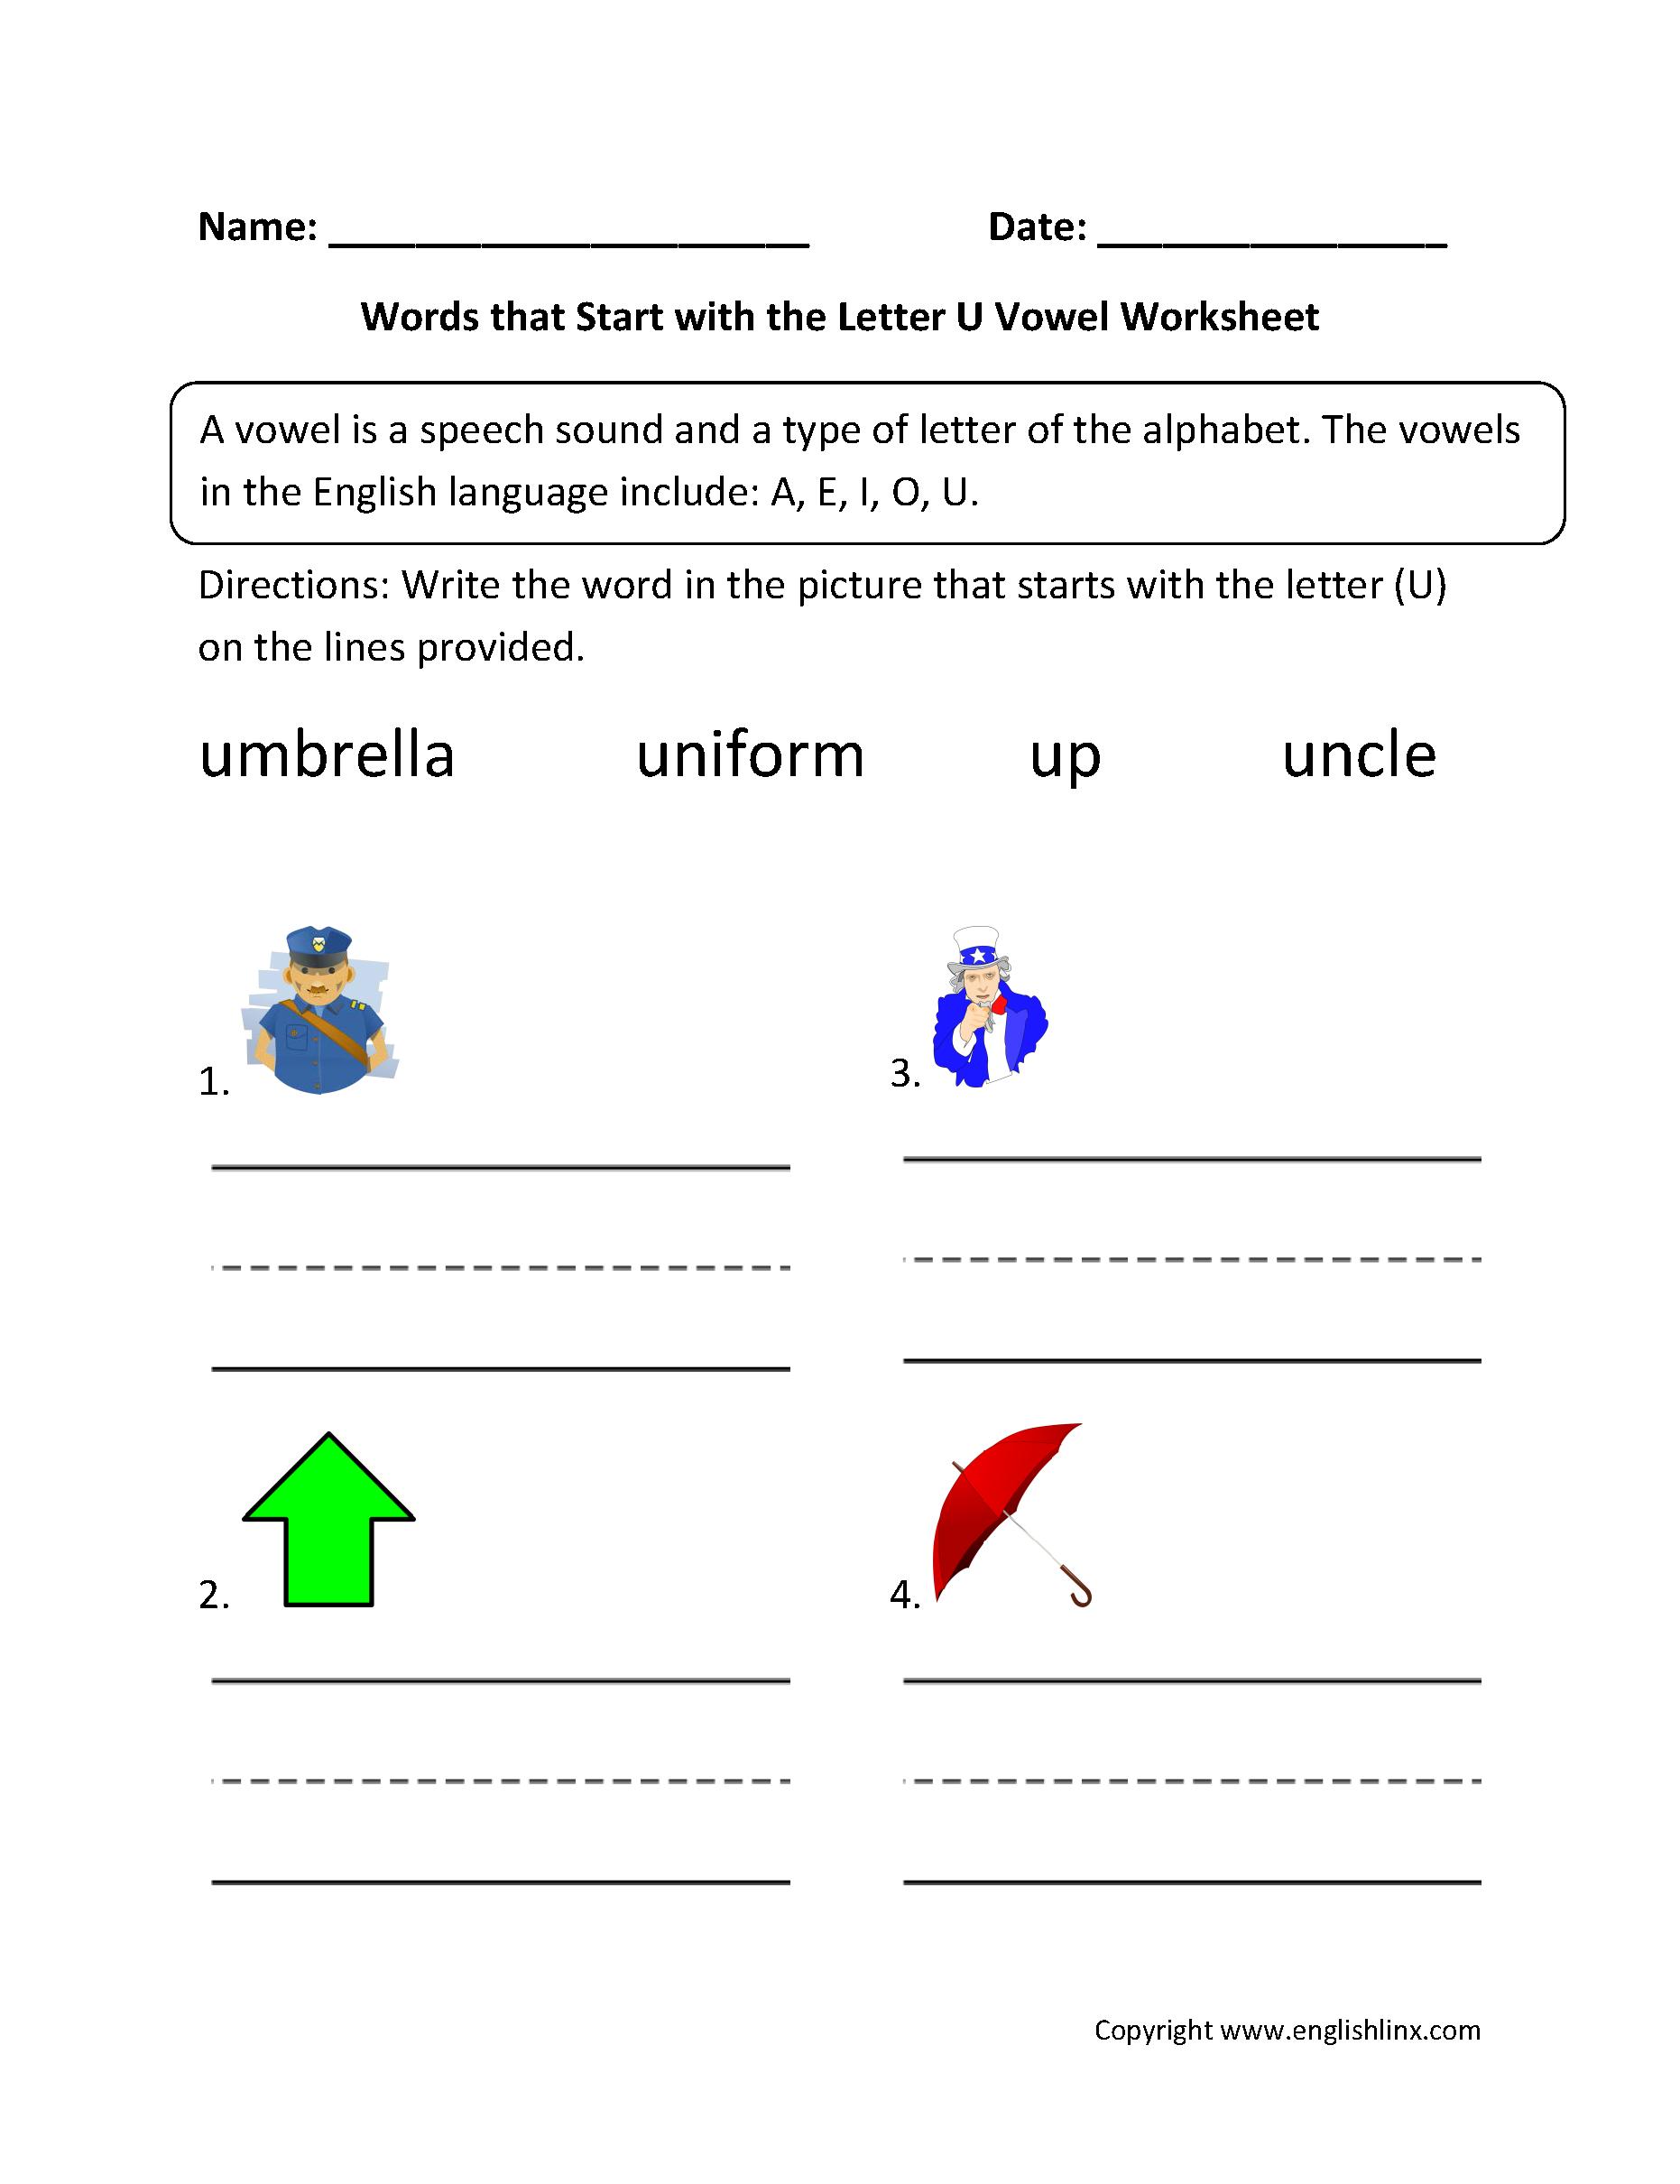 Words Start Letter U Vowel Worksheets